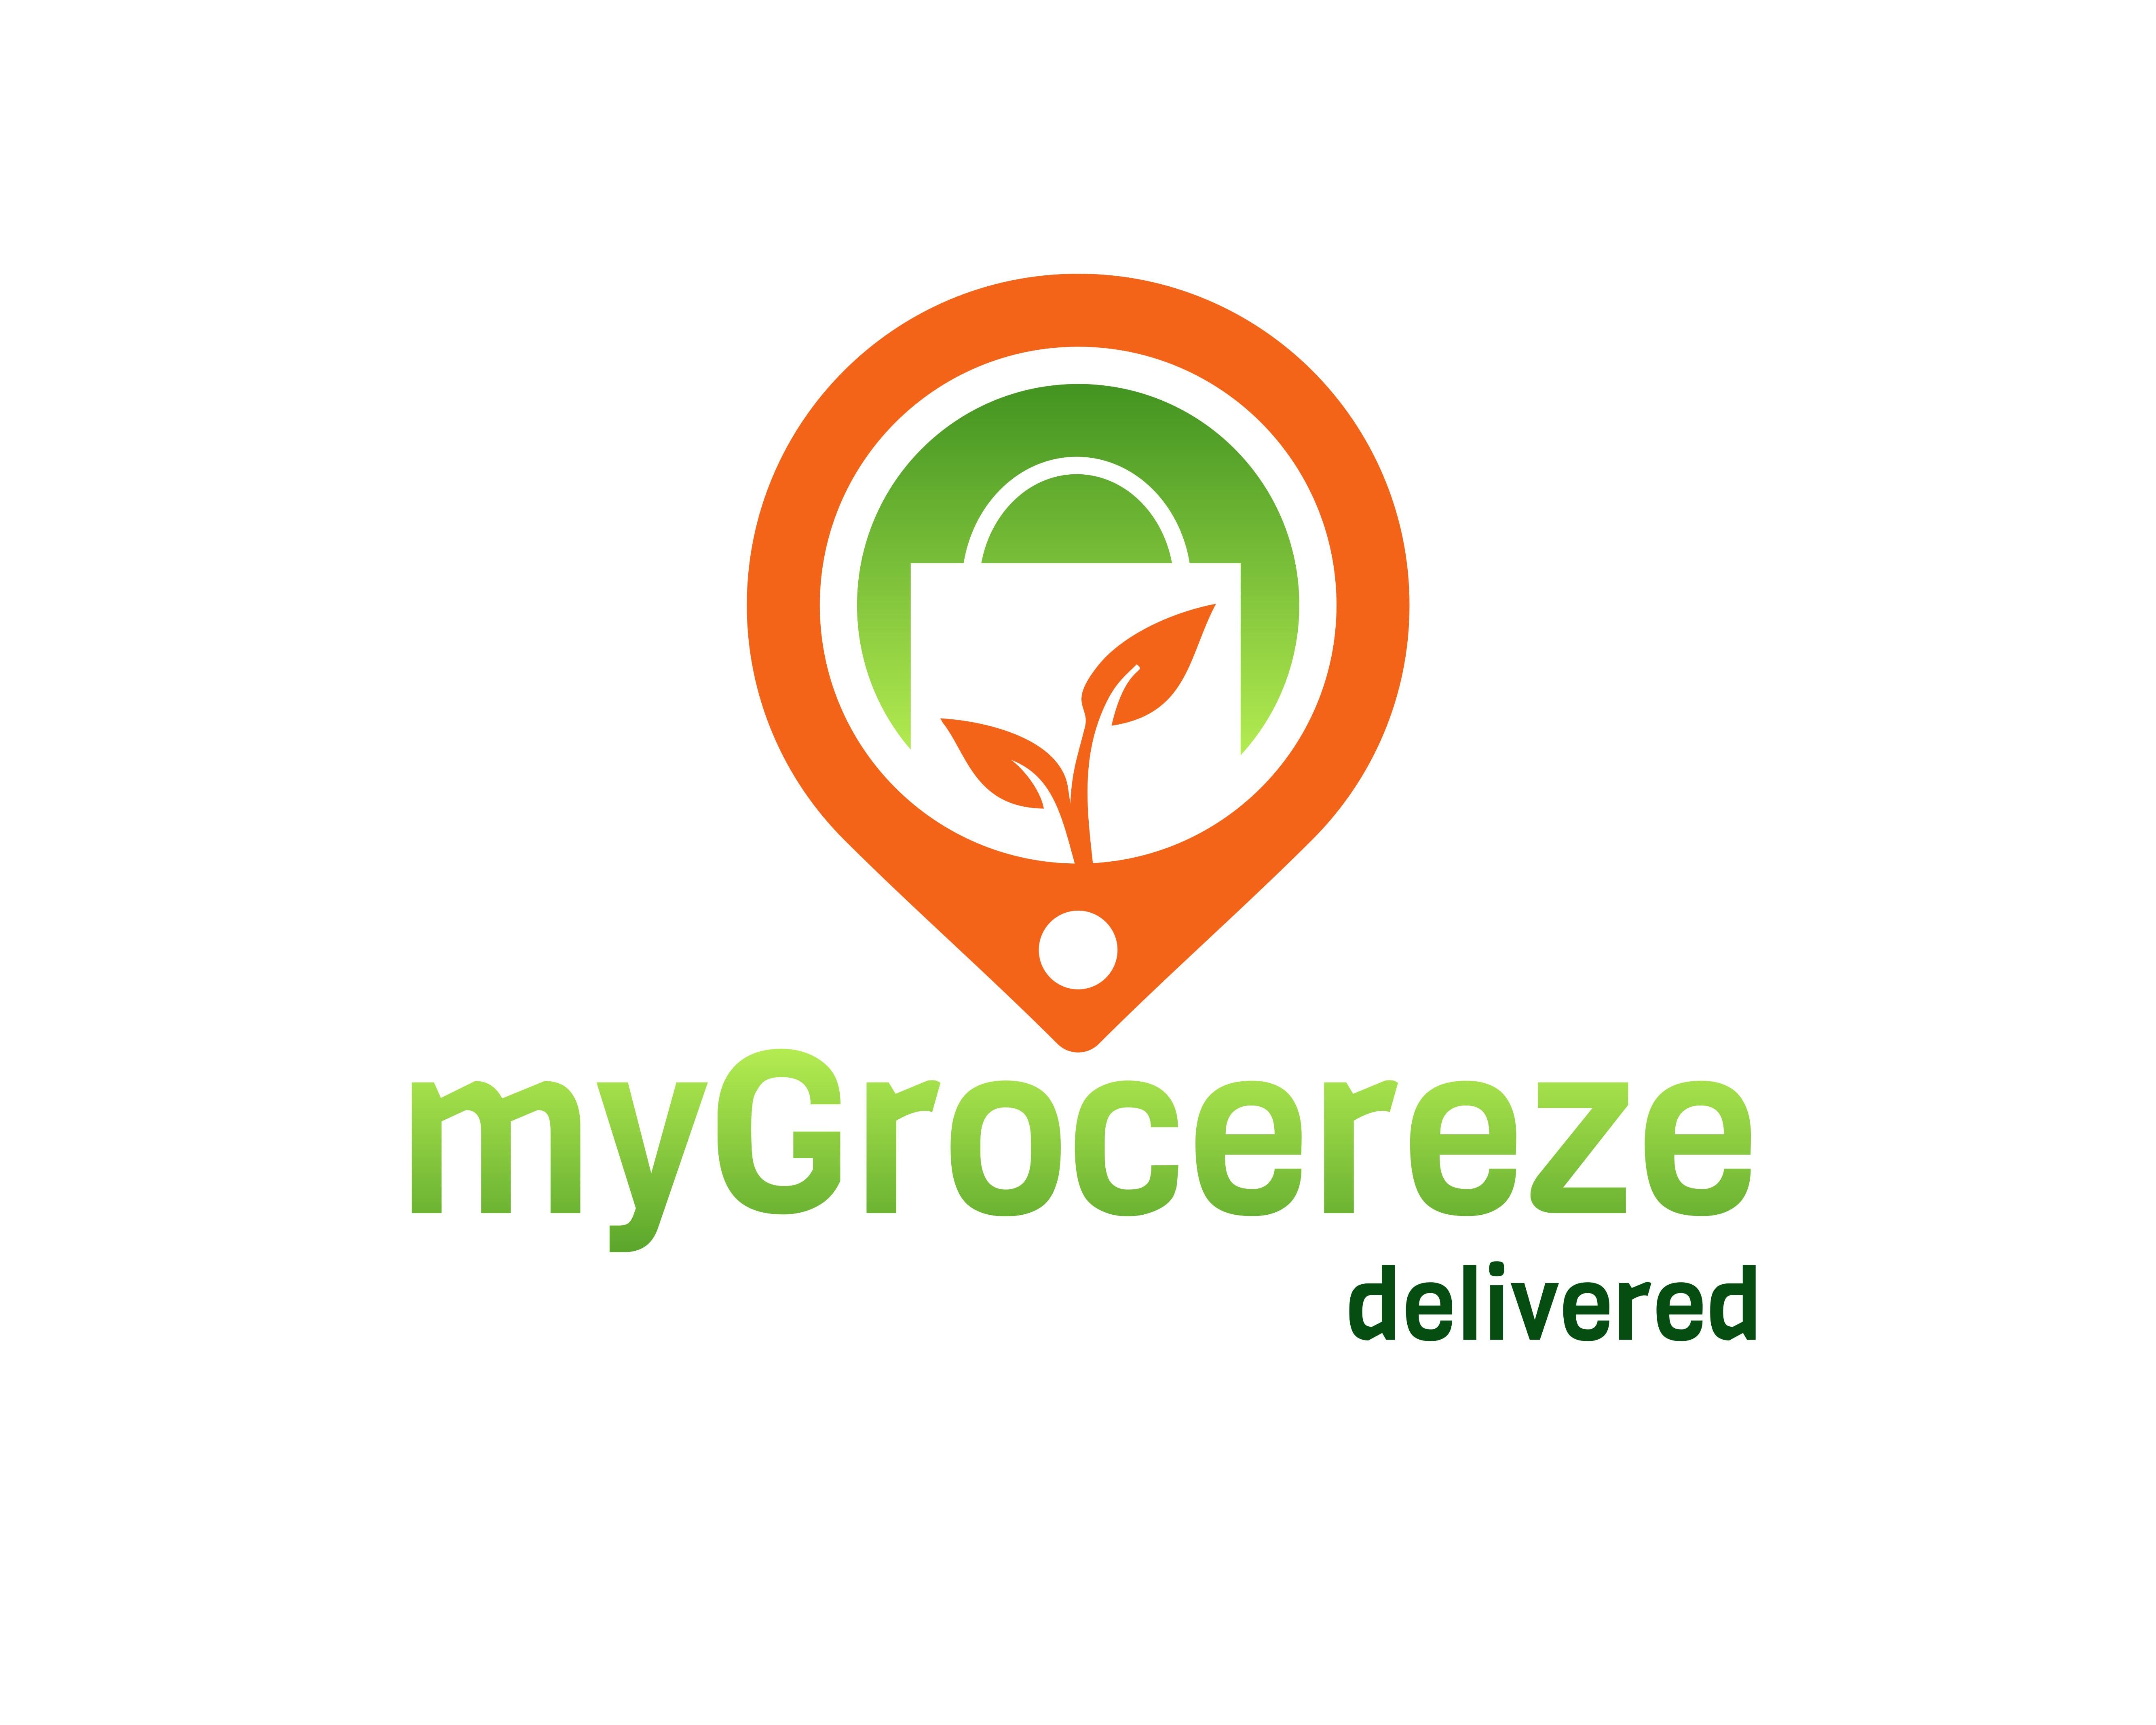 myGrocereze